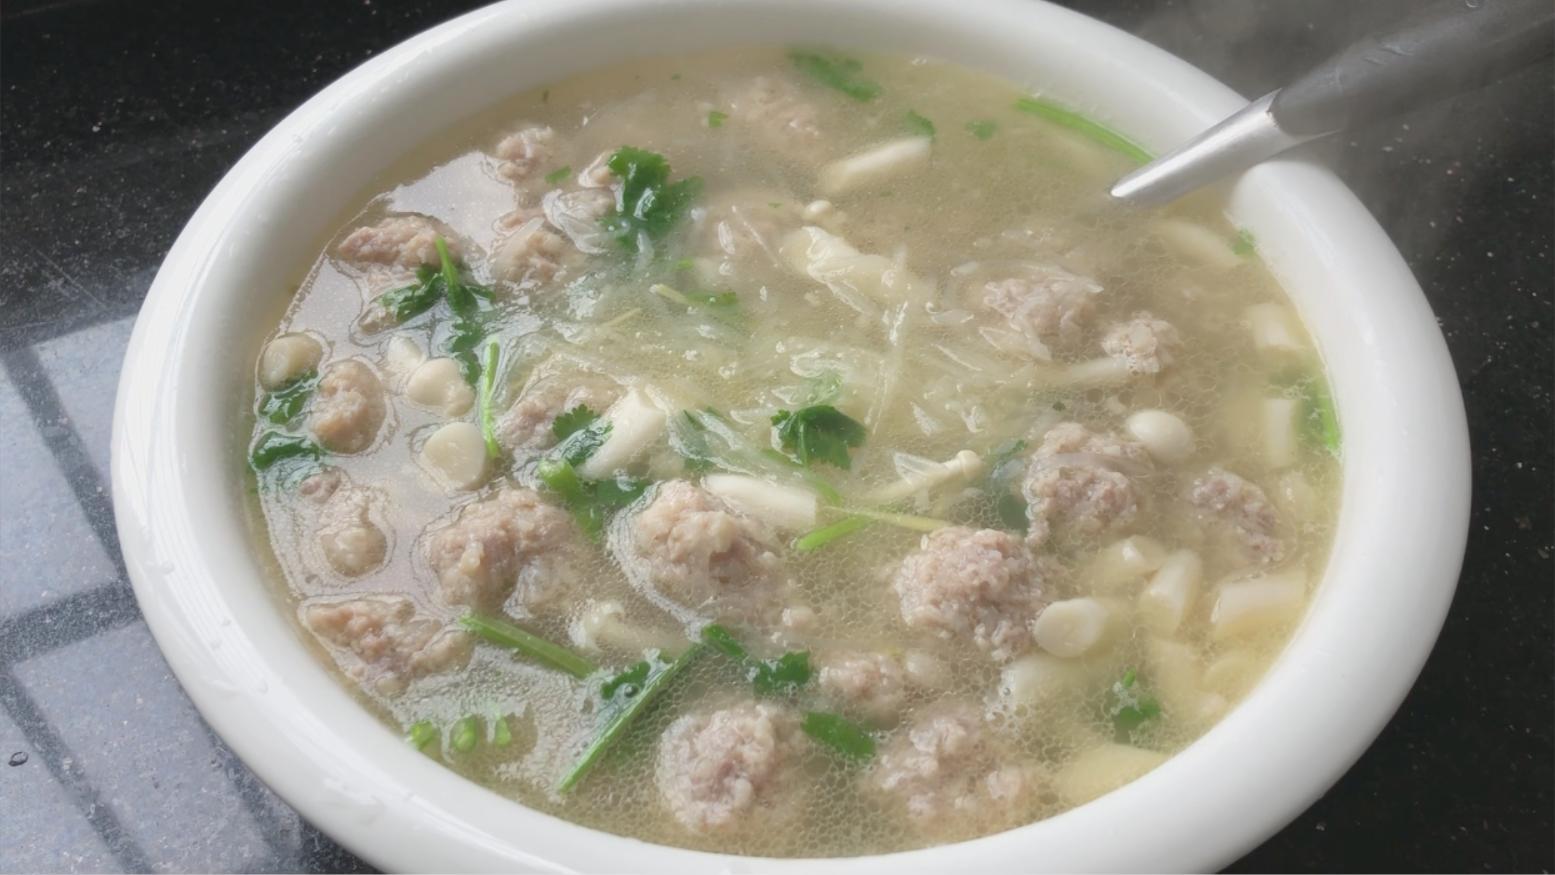 教你营养美味的萝卜丝丸子汤,简单好吃又能解馋,孩子们特喜欢